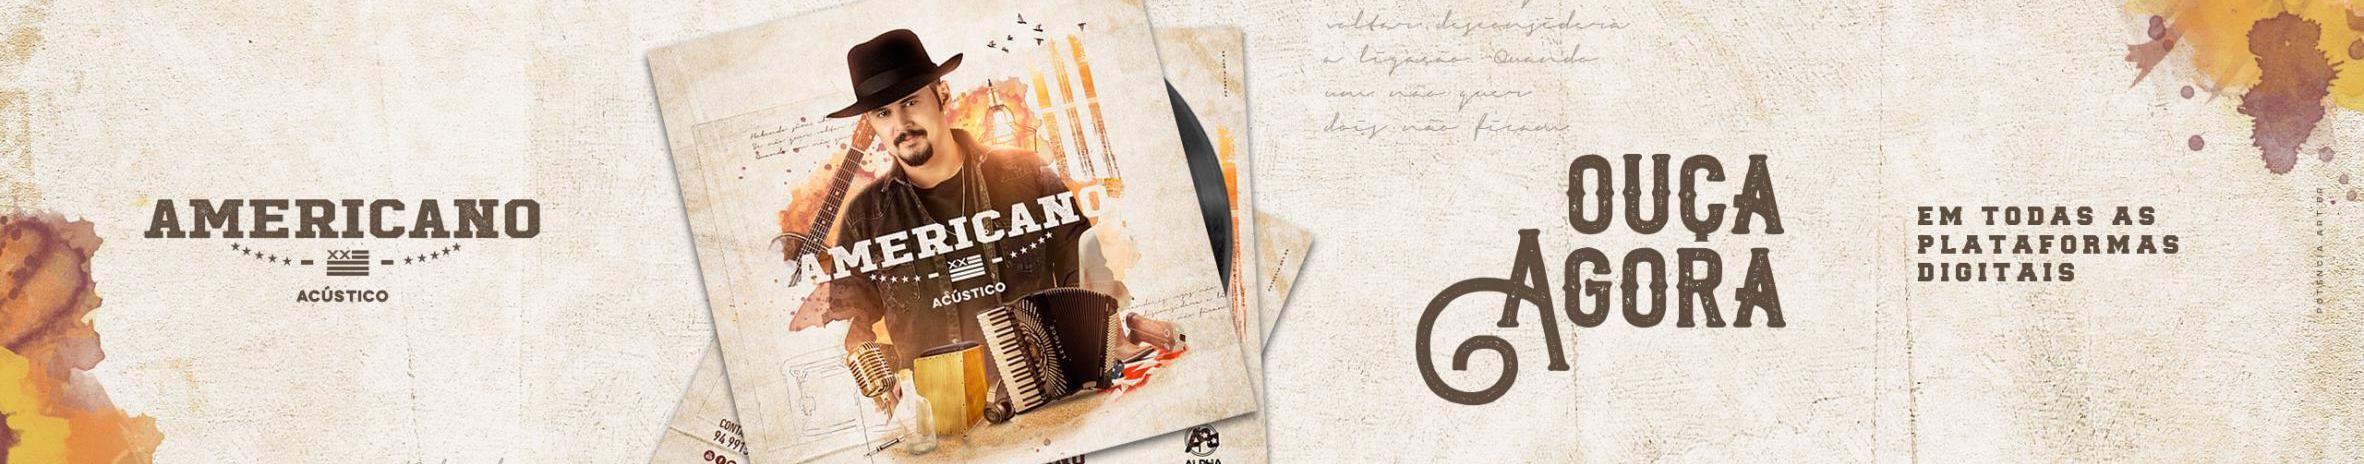 Imagem de capa de Americano